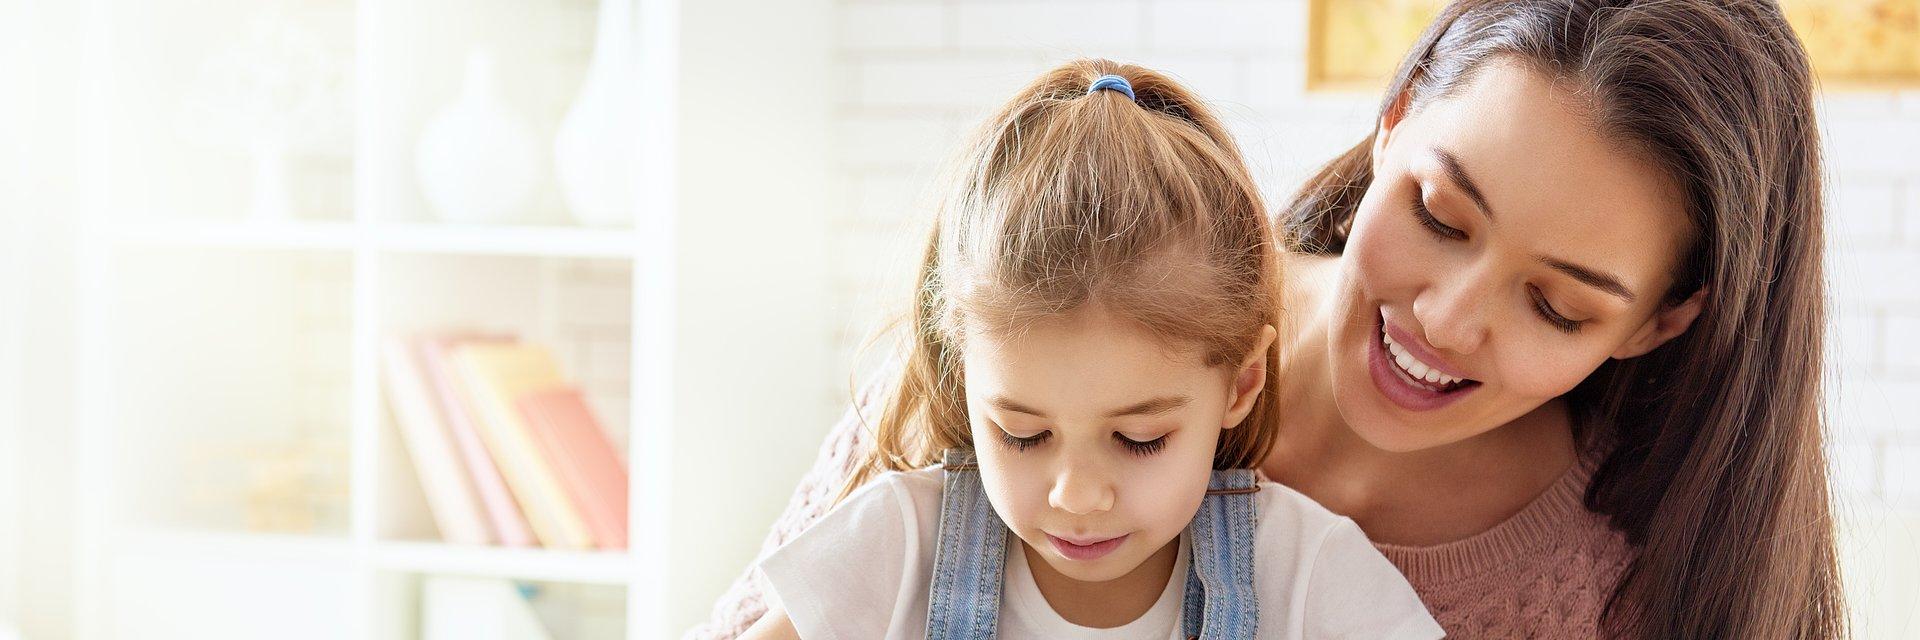 Przedszkolna readaptacja, czyli jak wrócić do rzeczywistości po kwarantannie